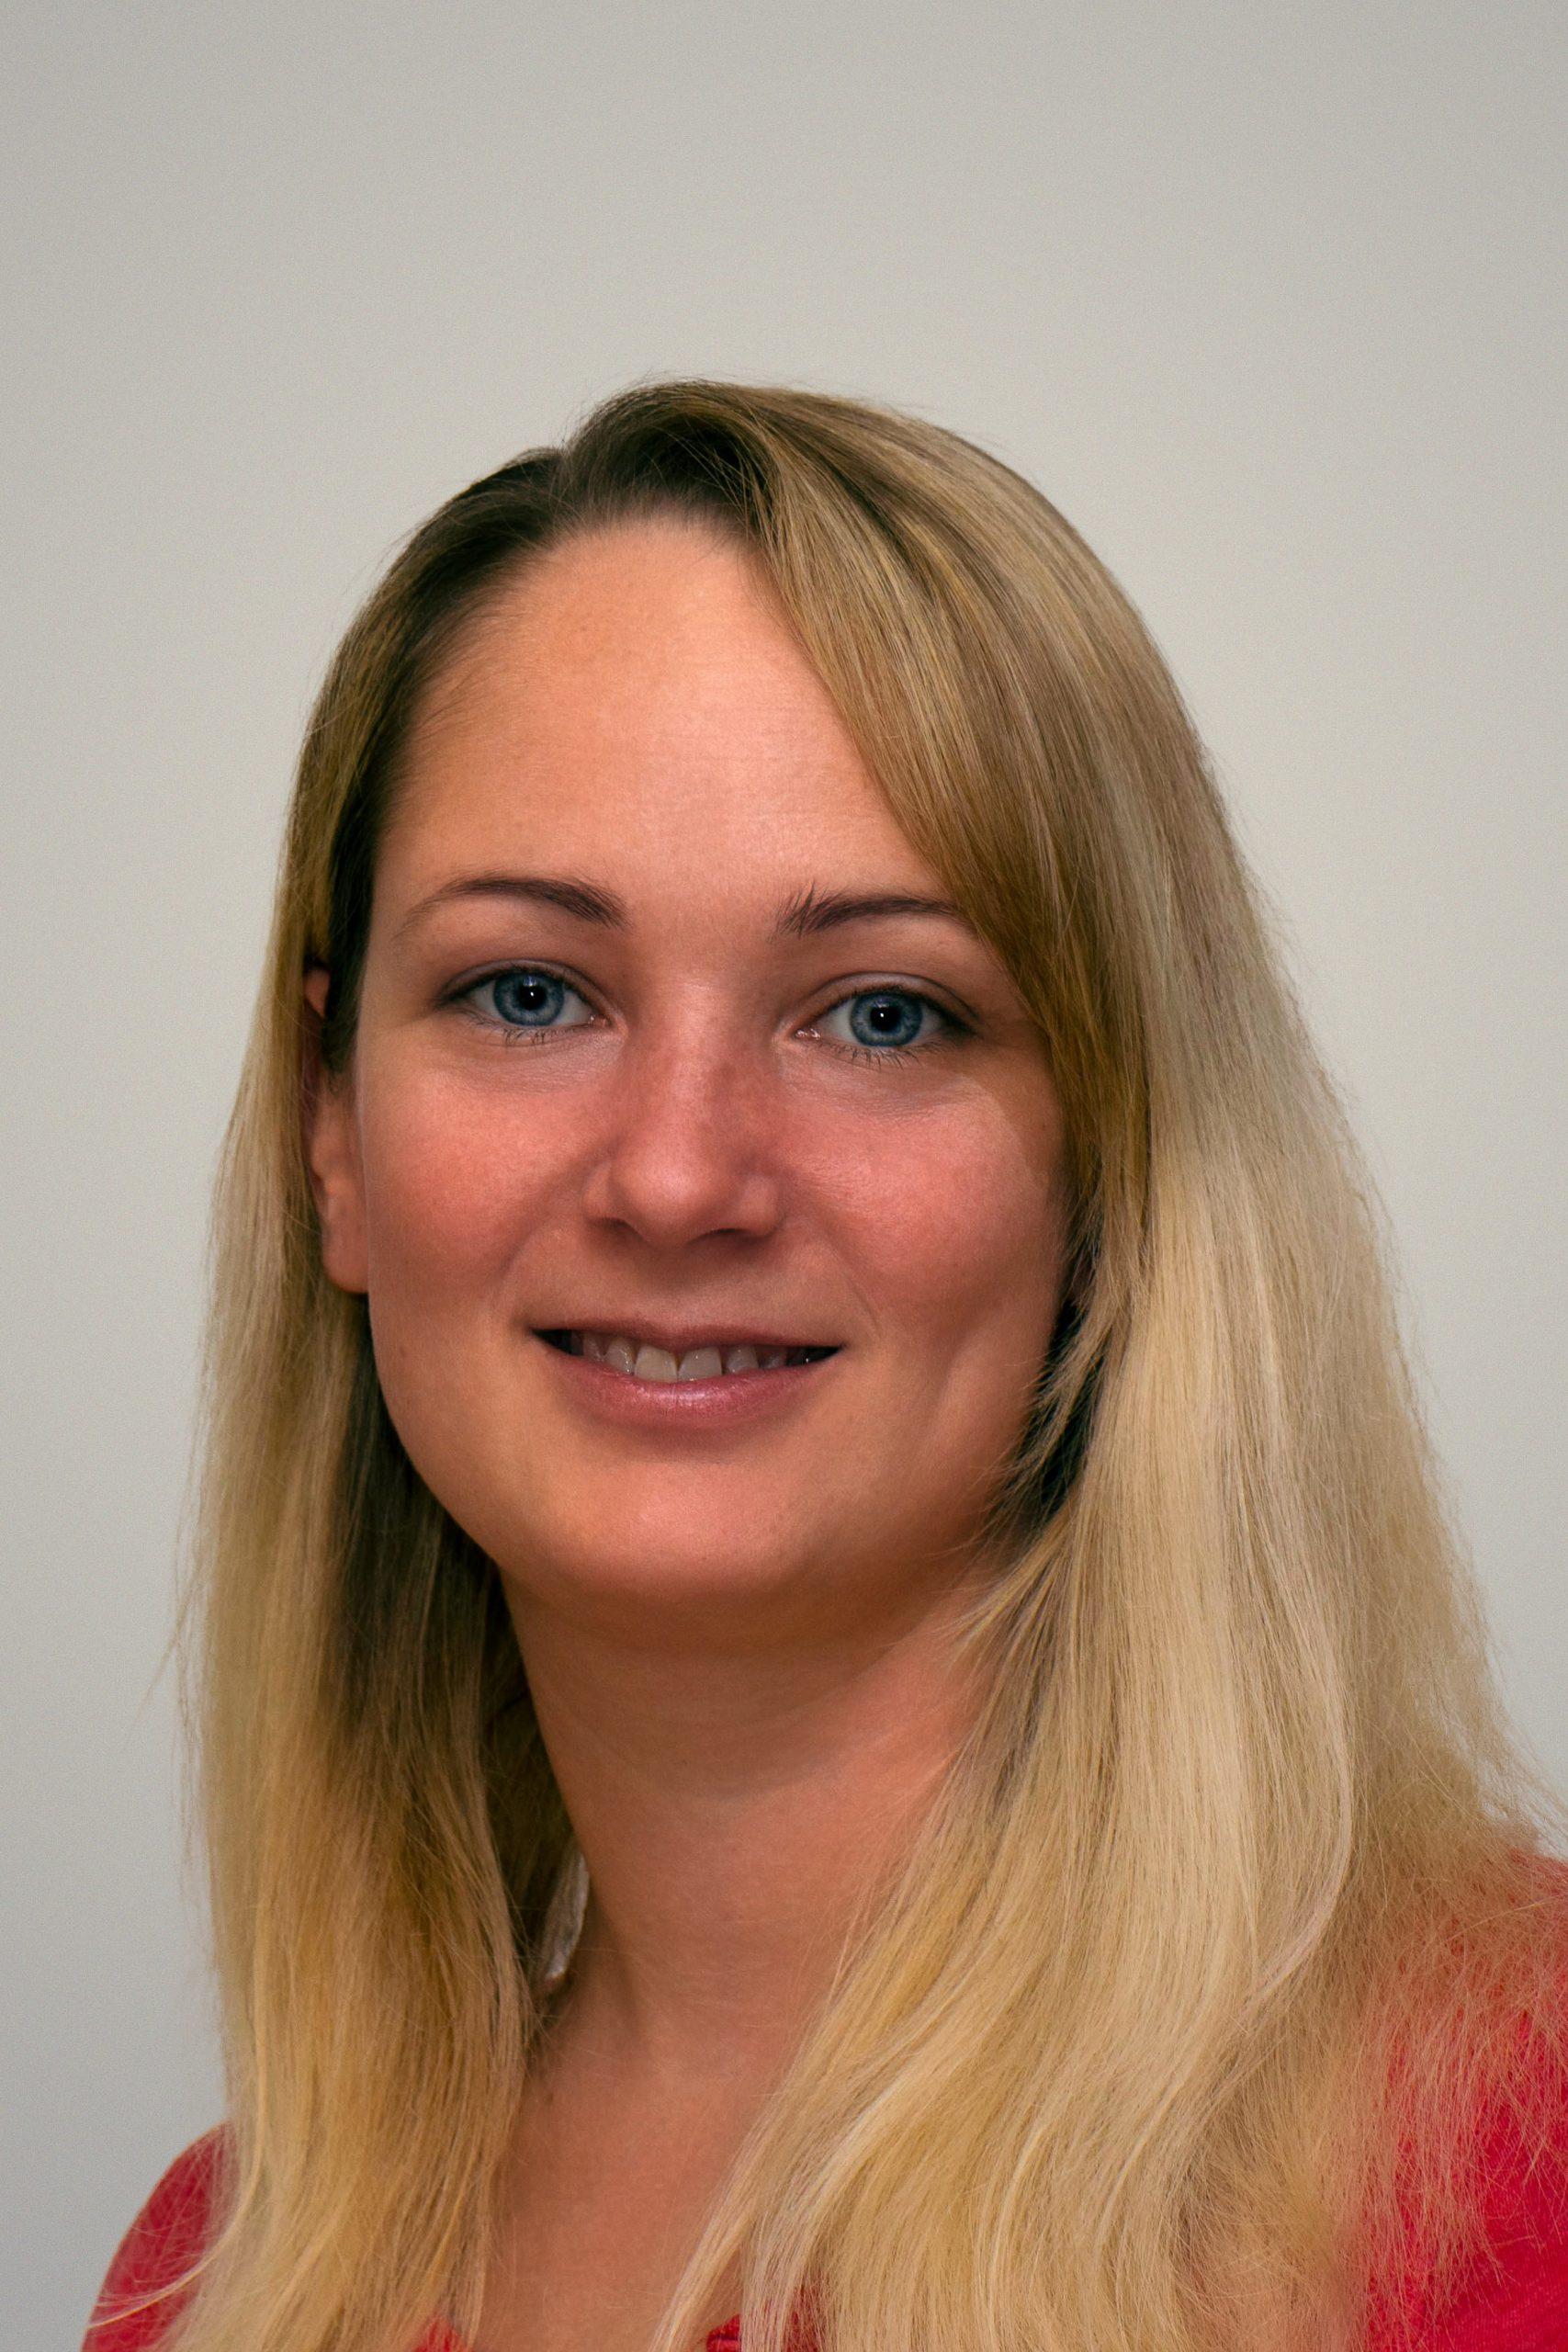 Lisa Blechschmidt